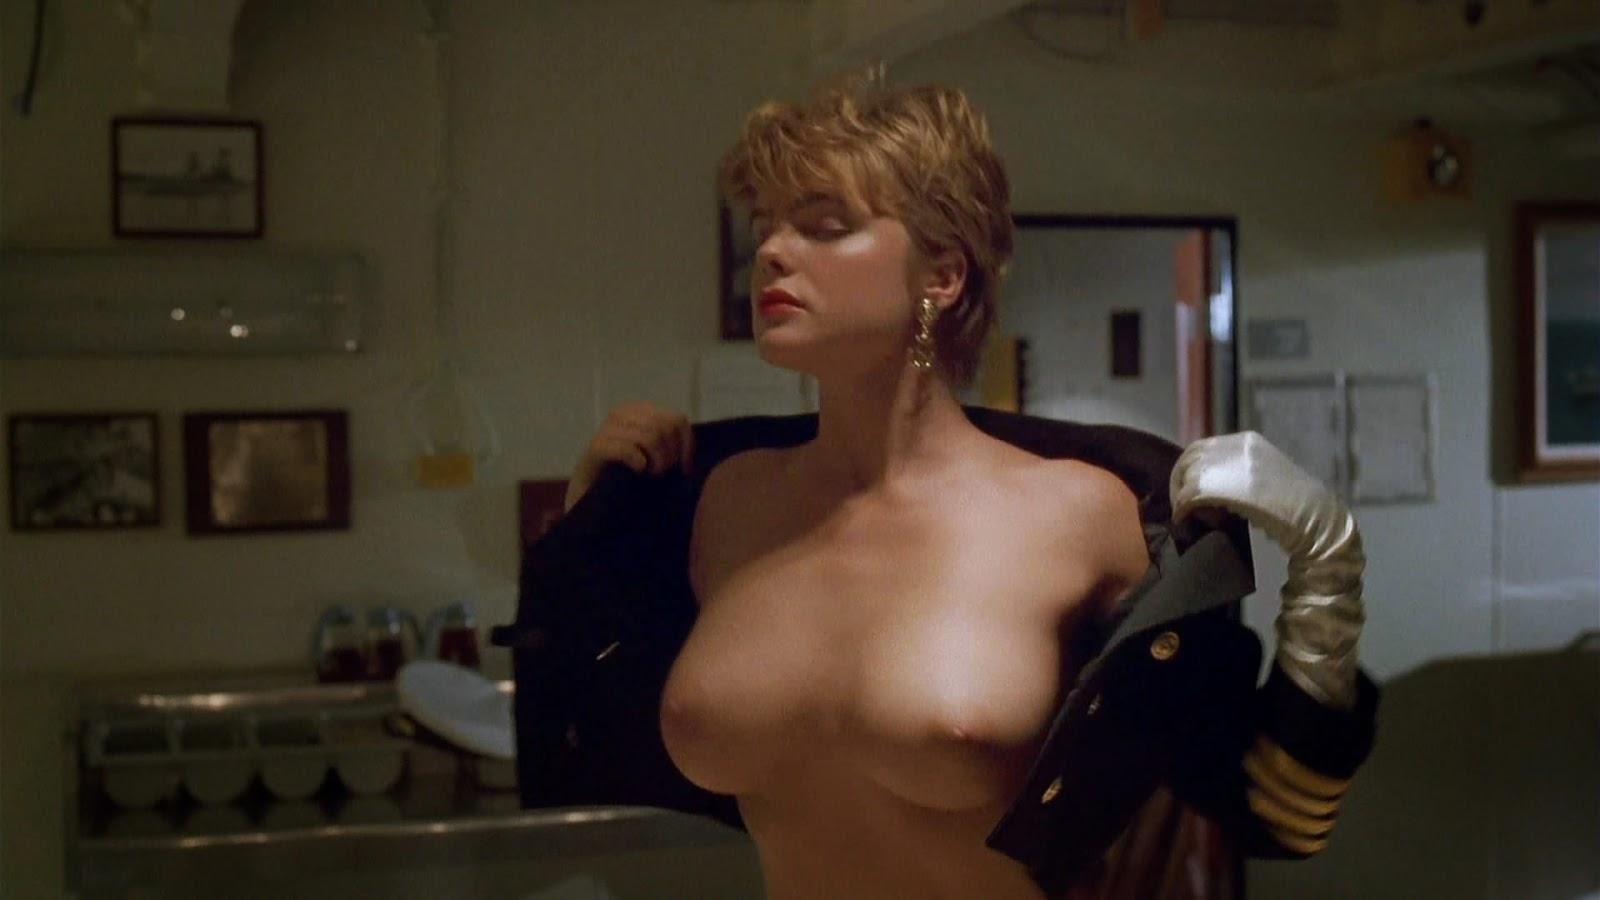 erika-eleniak-erotic-nudes